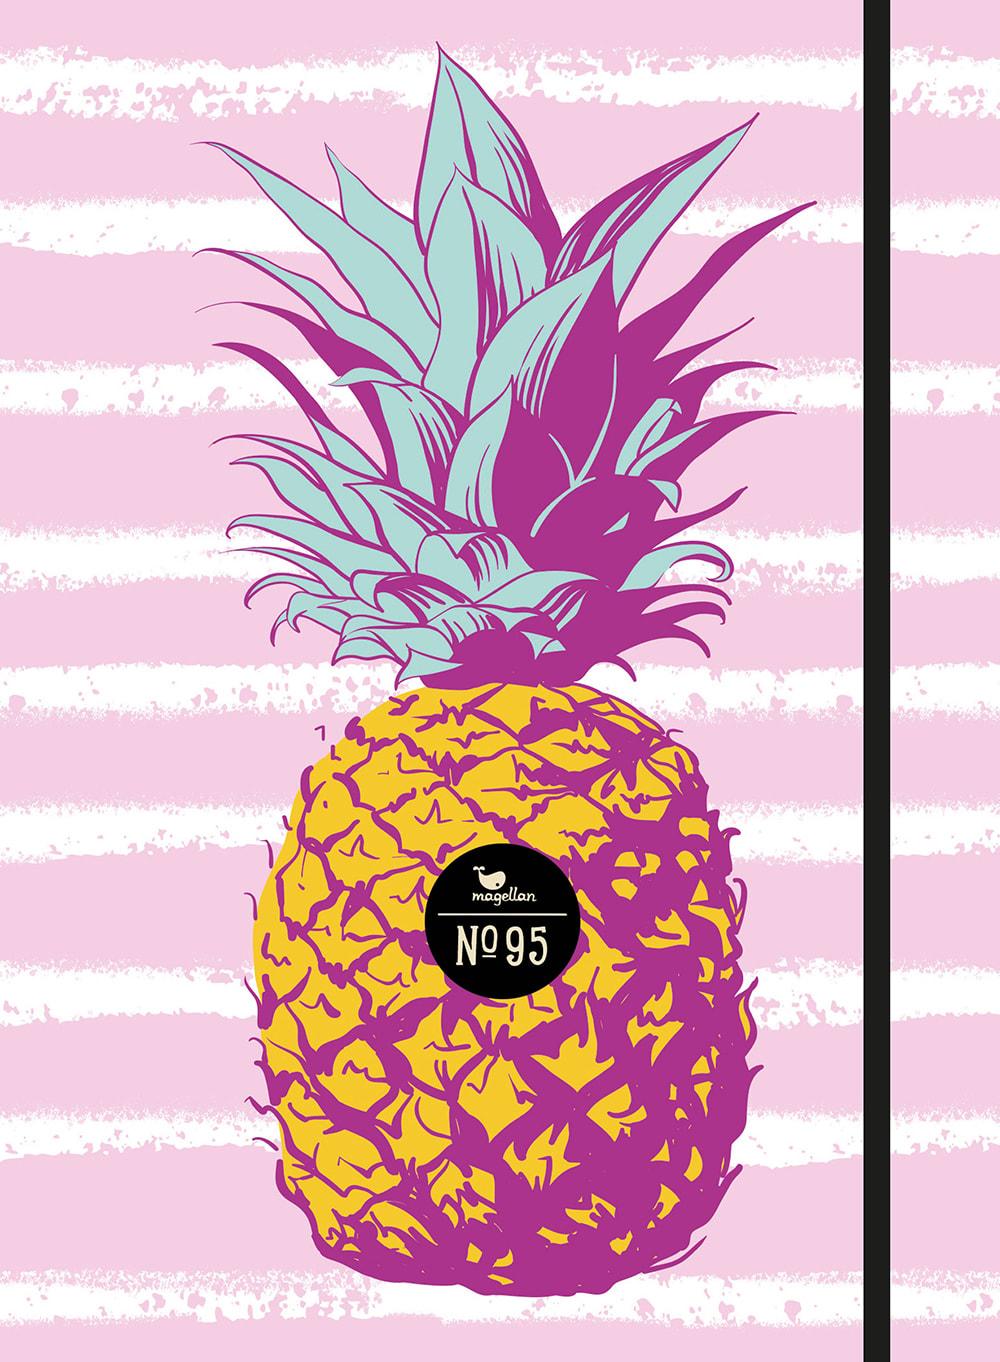 Notizbuch No. 95 - Ananas